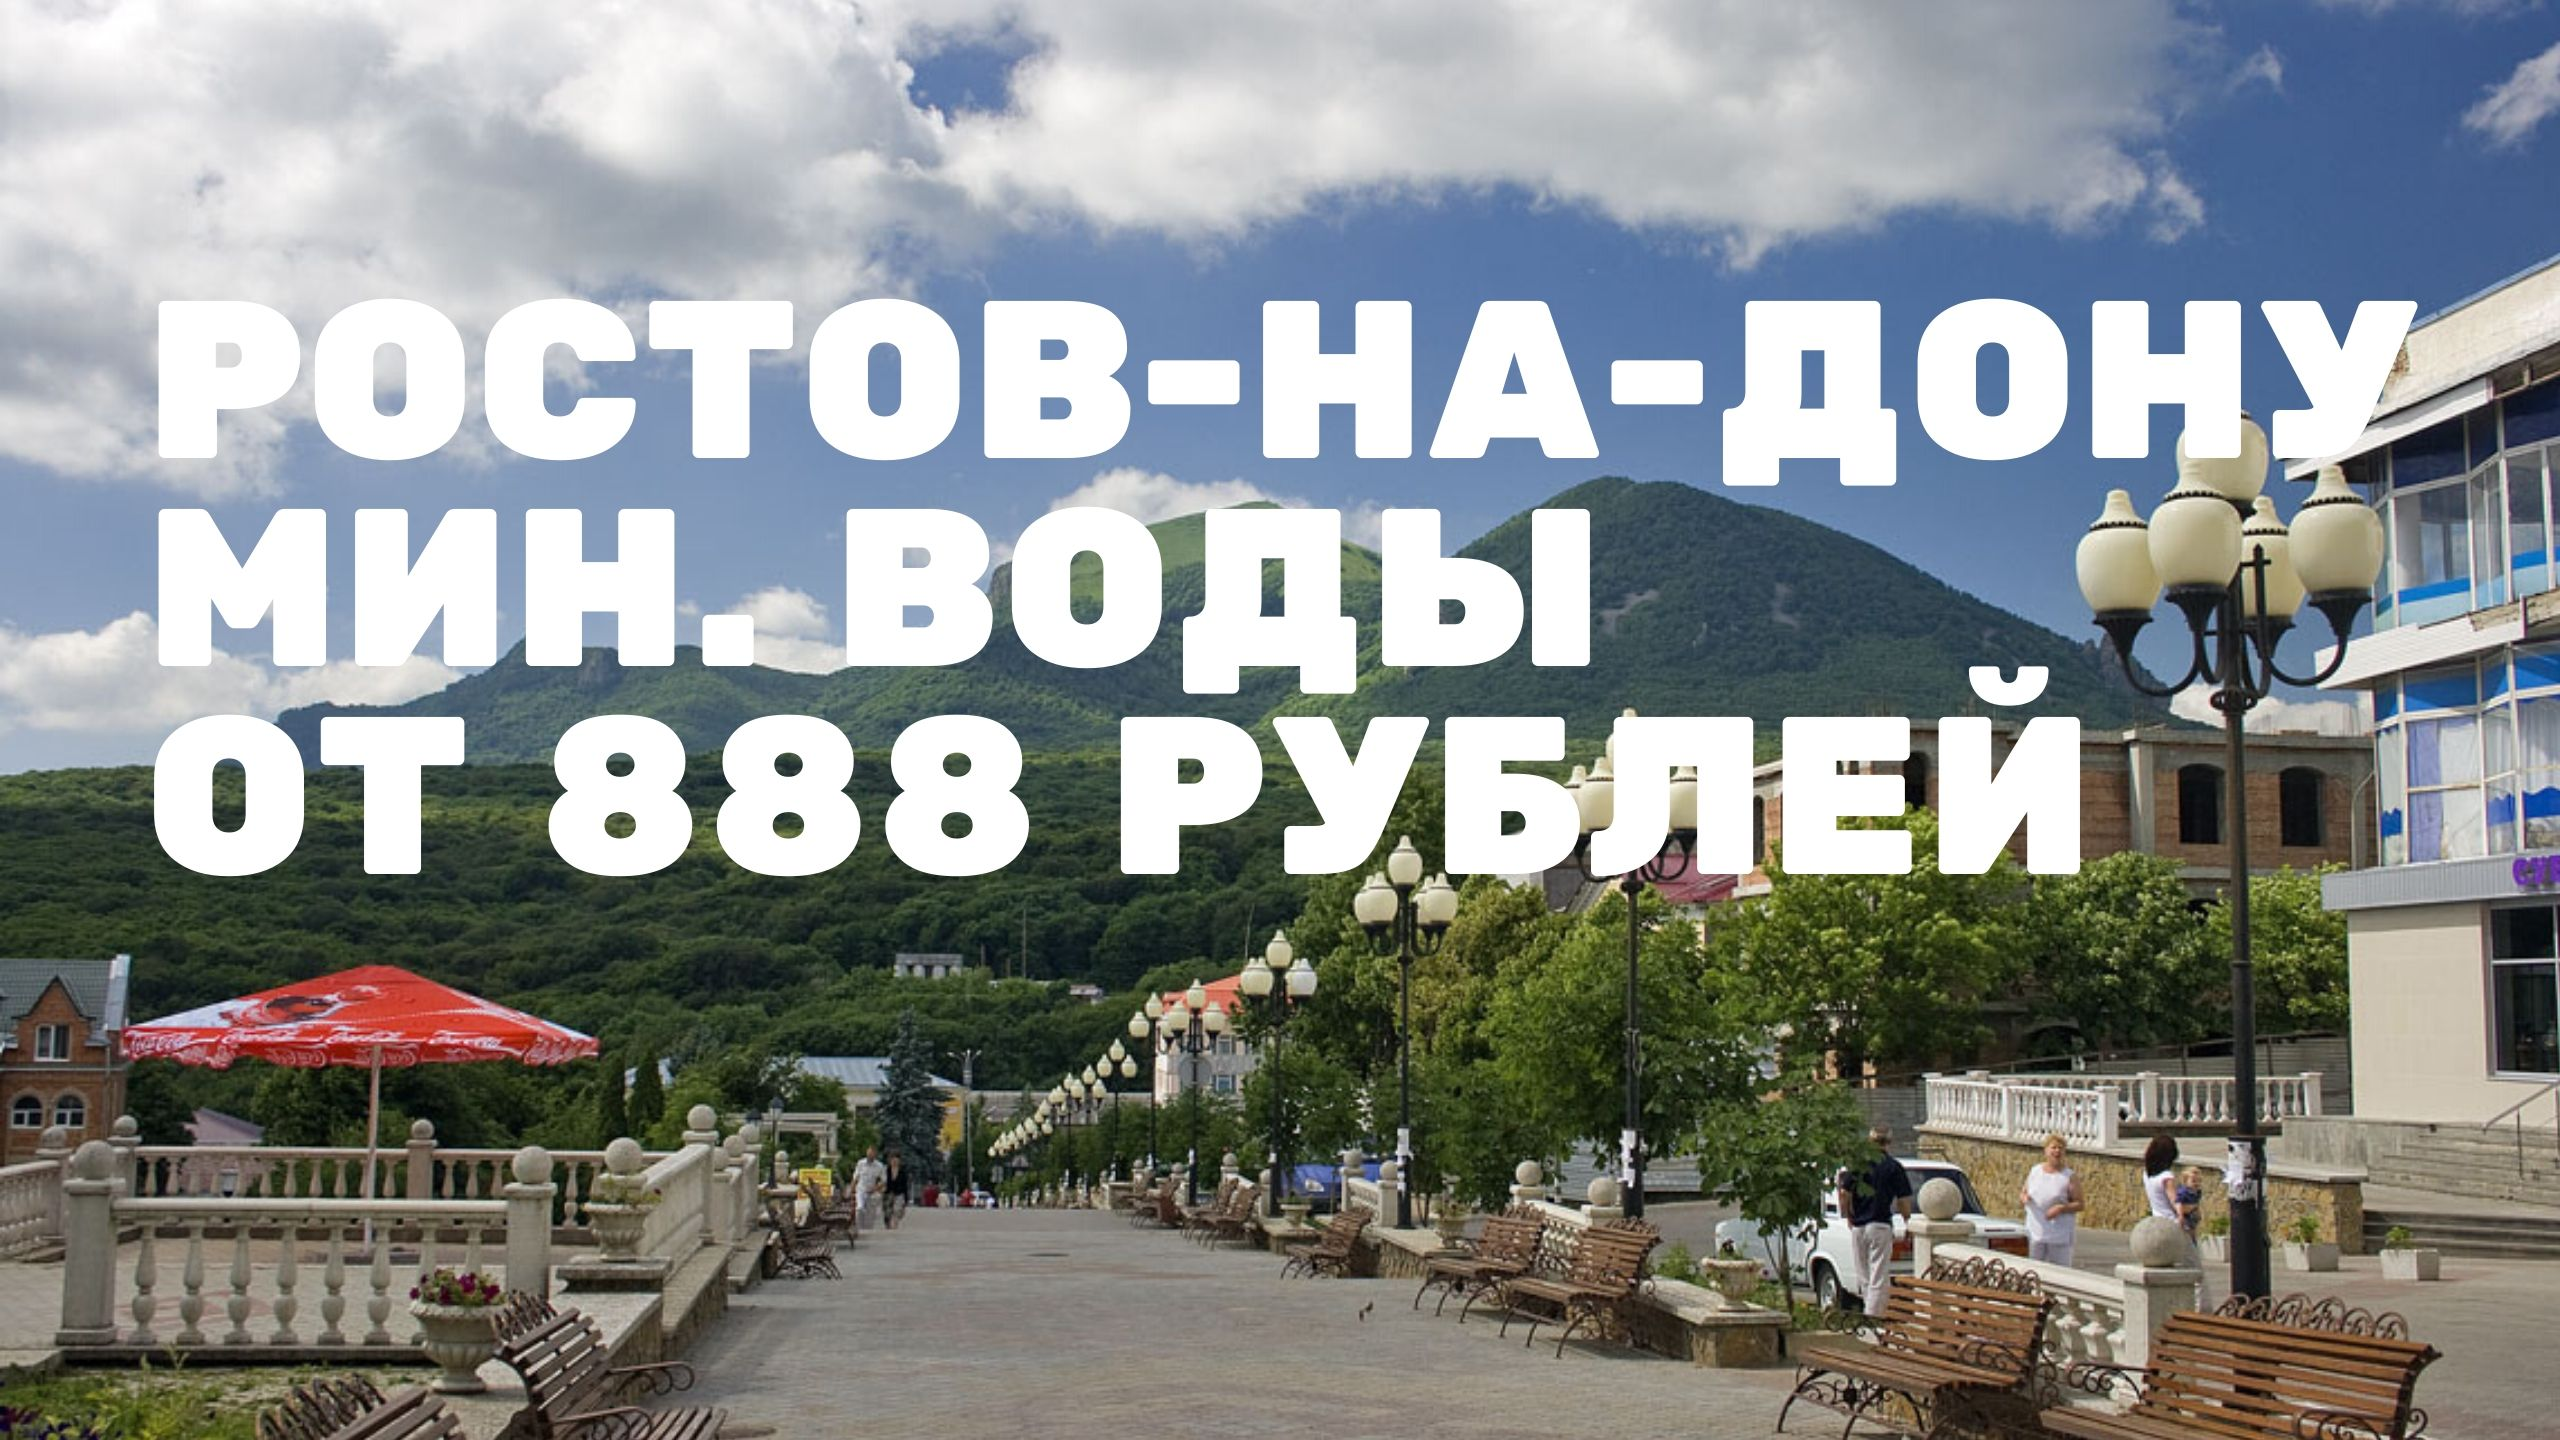 Рейсы в Минеральные Воды от 888 рублей в феврале